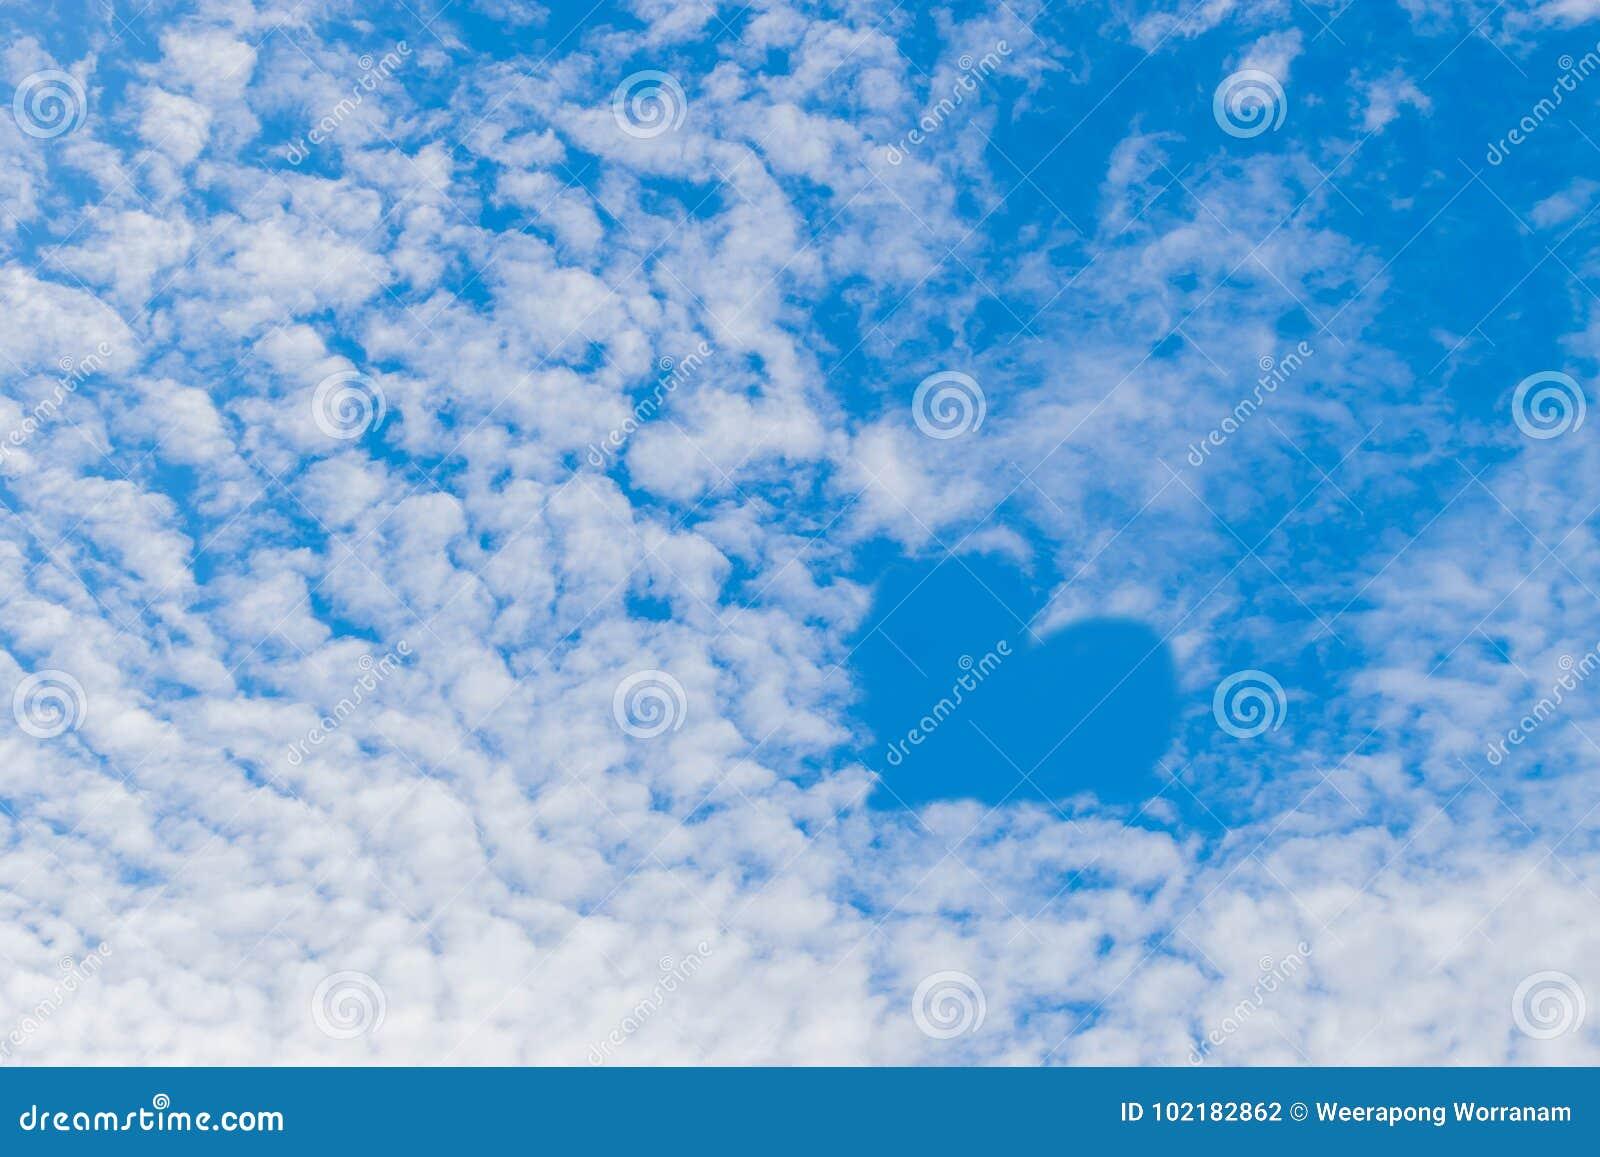 Мягкая текстура голубого неба, влюбленность поверхности фокуса неба, чудесная предпосылка облака неба